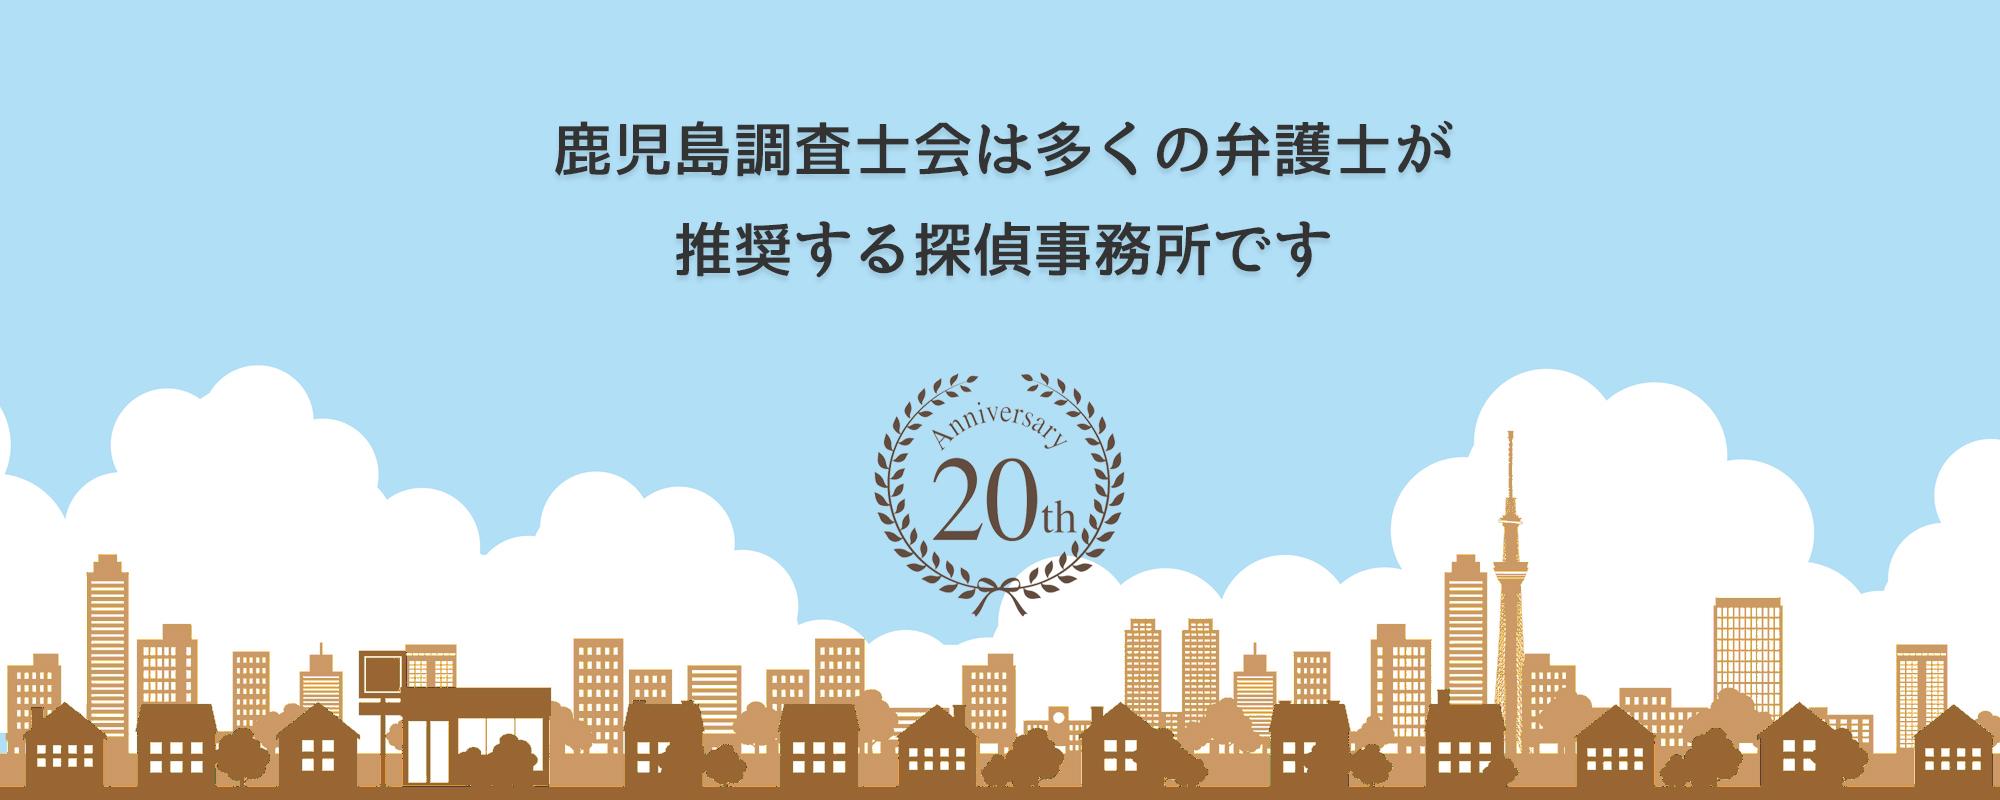 鹿児島相談室は多くの弁護士事務所に推奨されています。